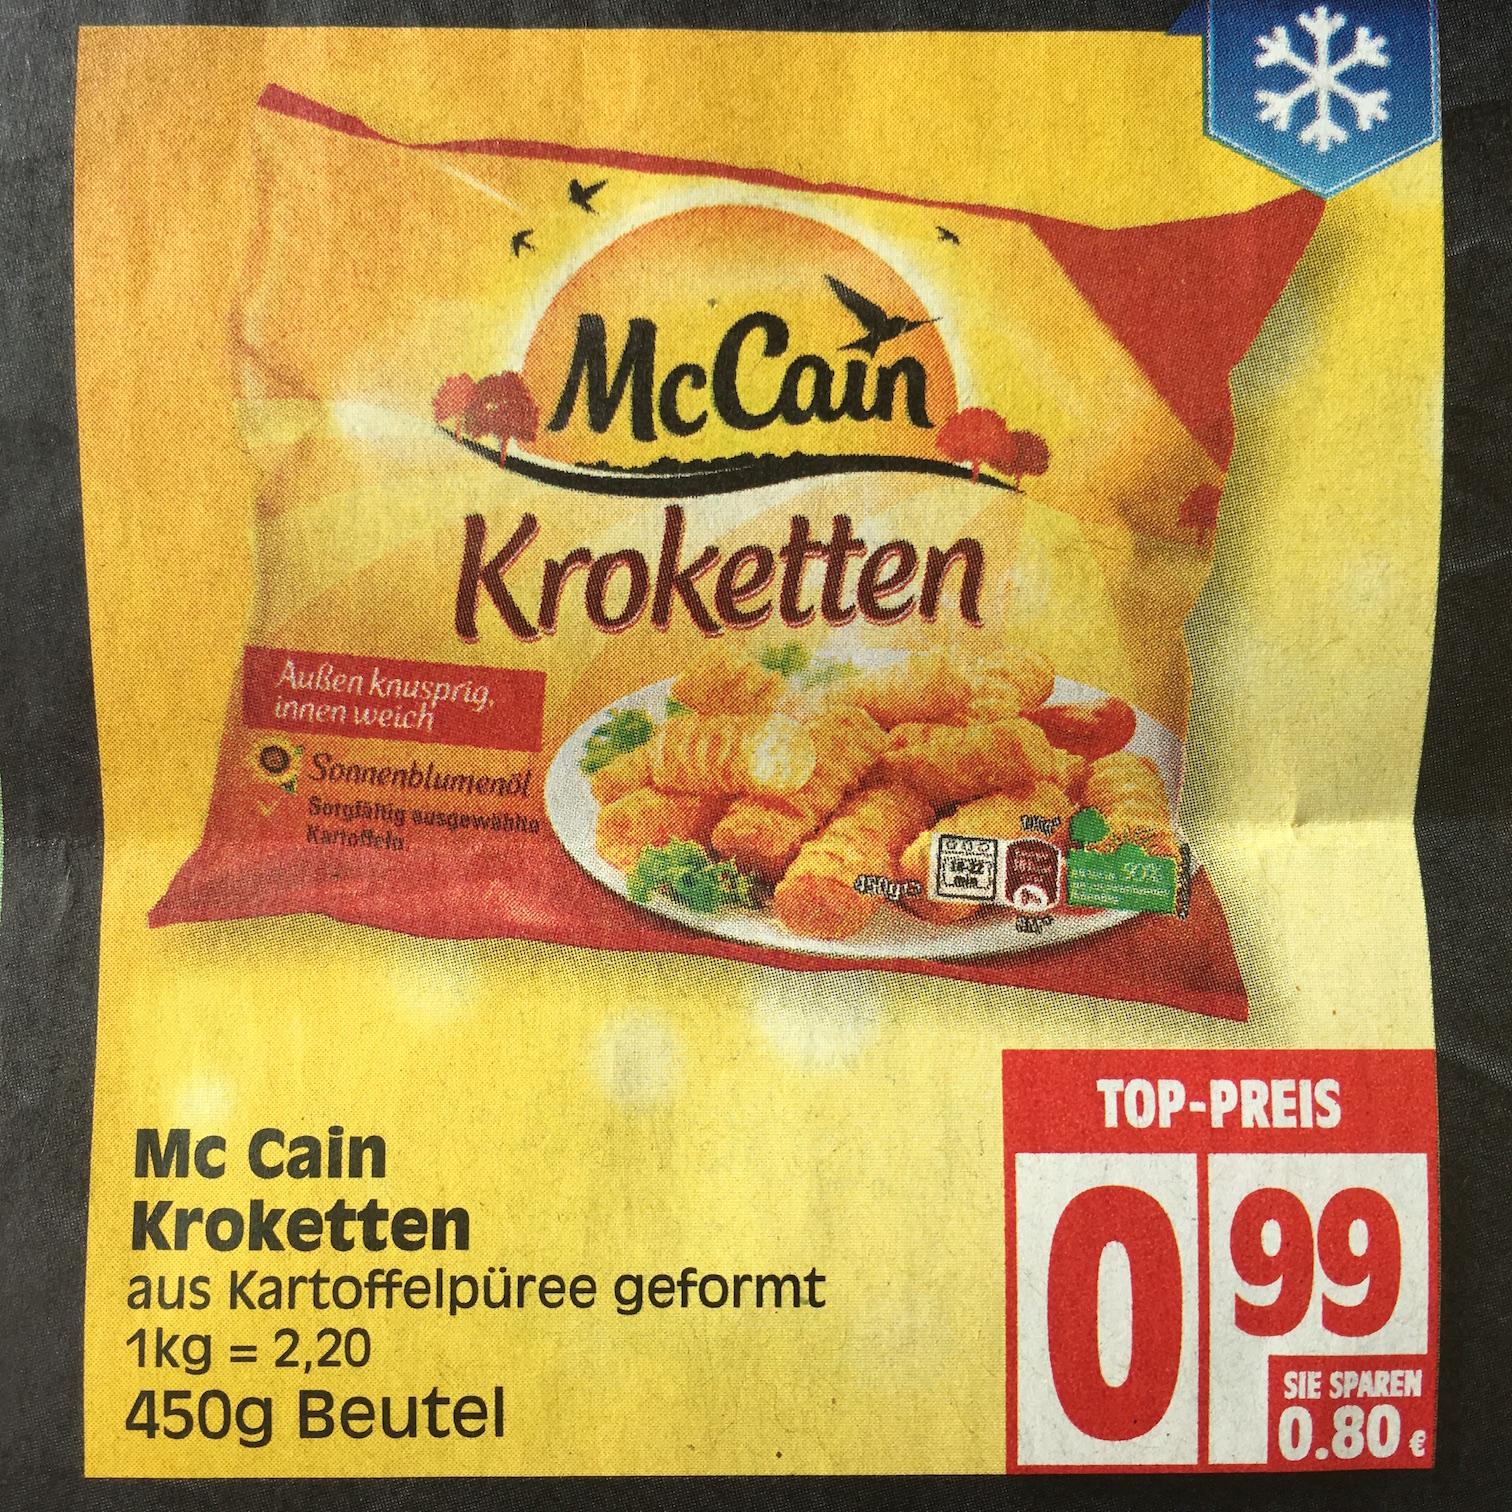 [Edeka] Für 29 Cent - McCain-Kroketten 450g - Angebot + Gutschein ab 12.09.-17.09.